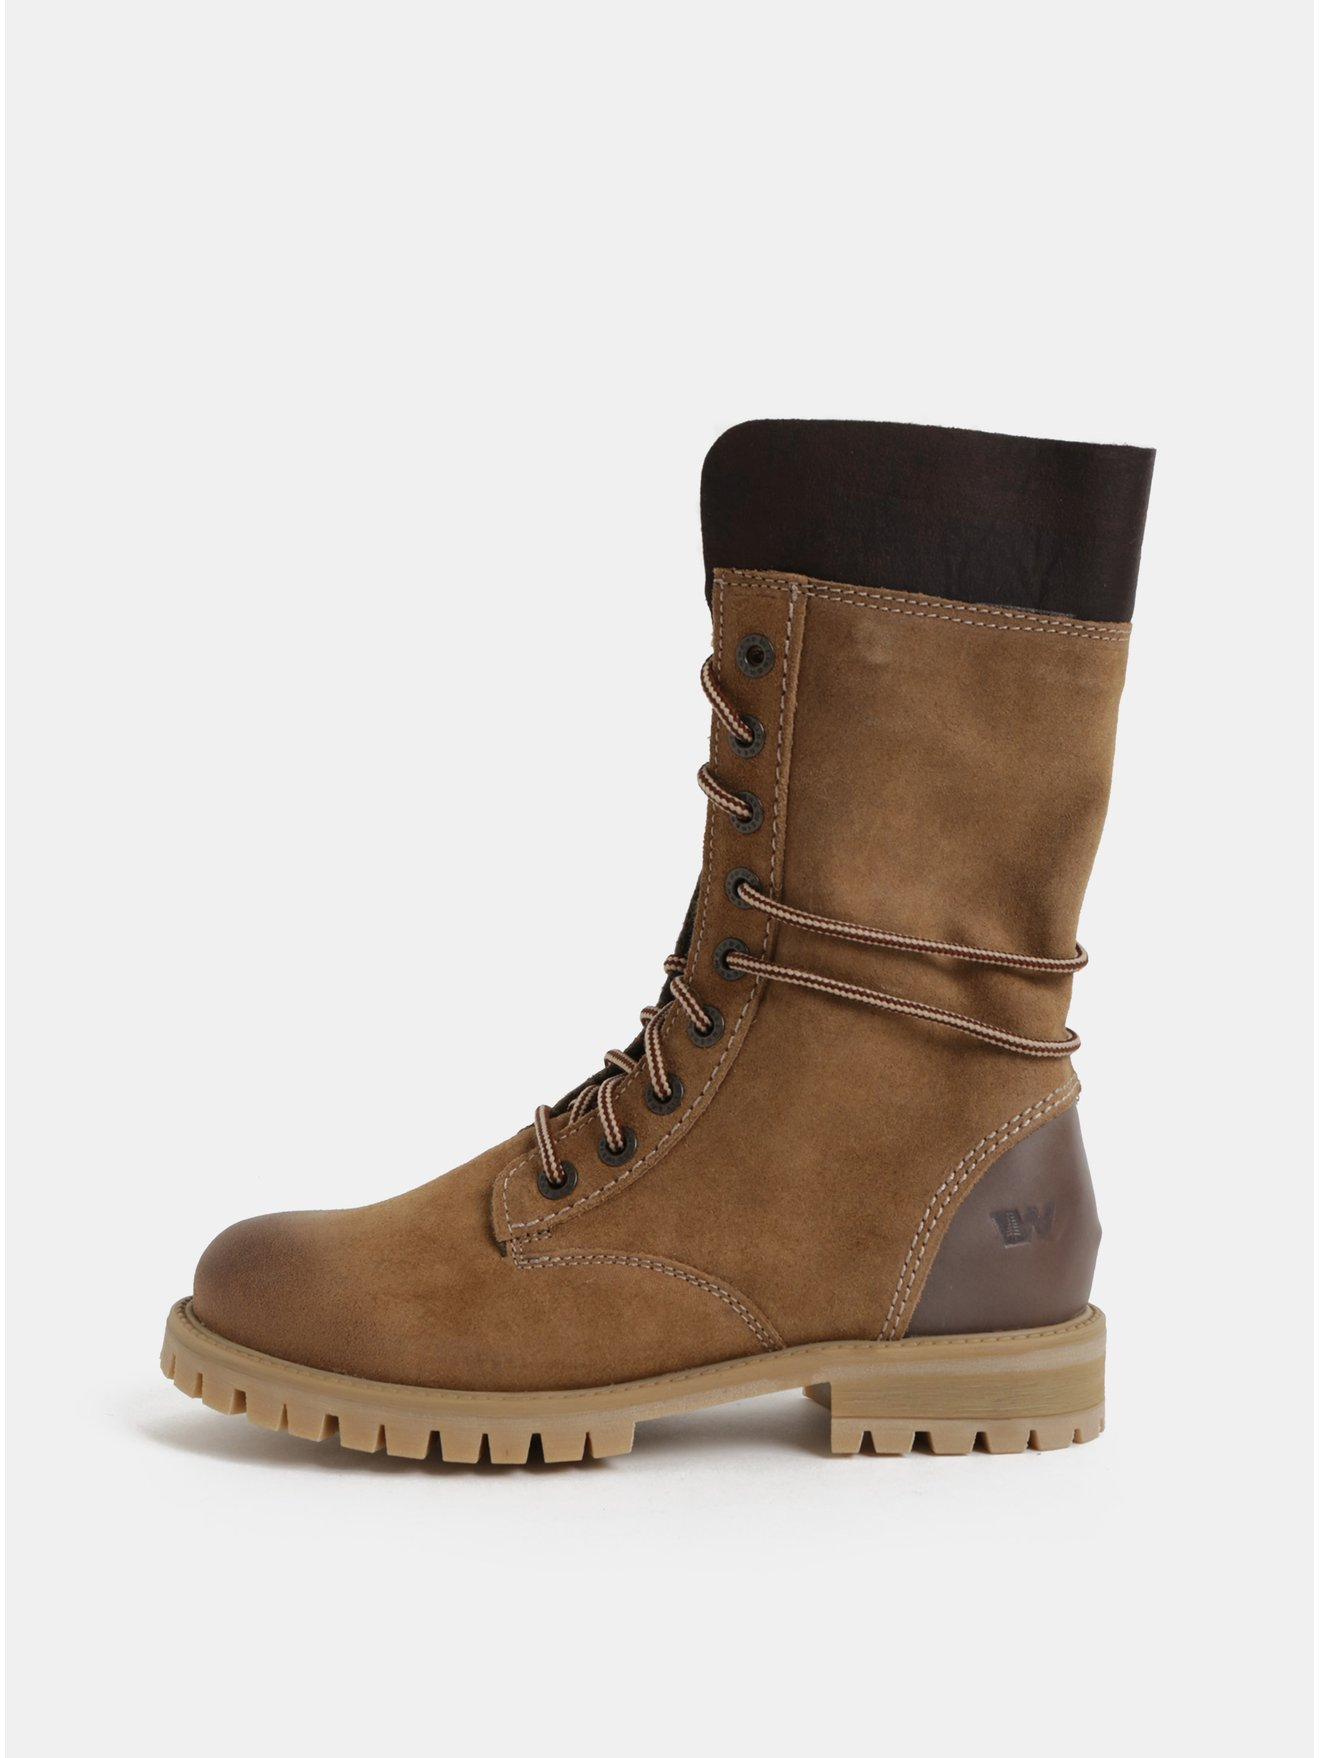 8b277c3741 Hnedé dámske semišové členkové zimné topánky so šnurovaním Weinbrenner